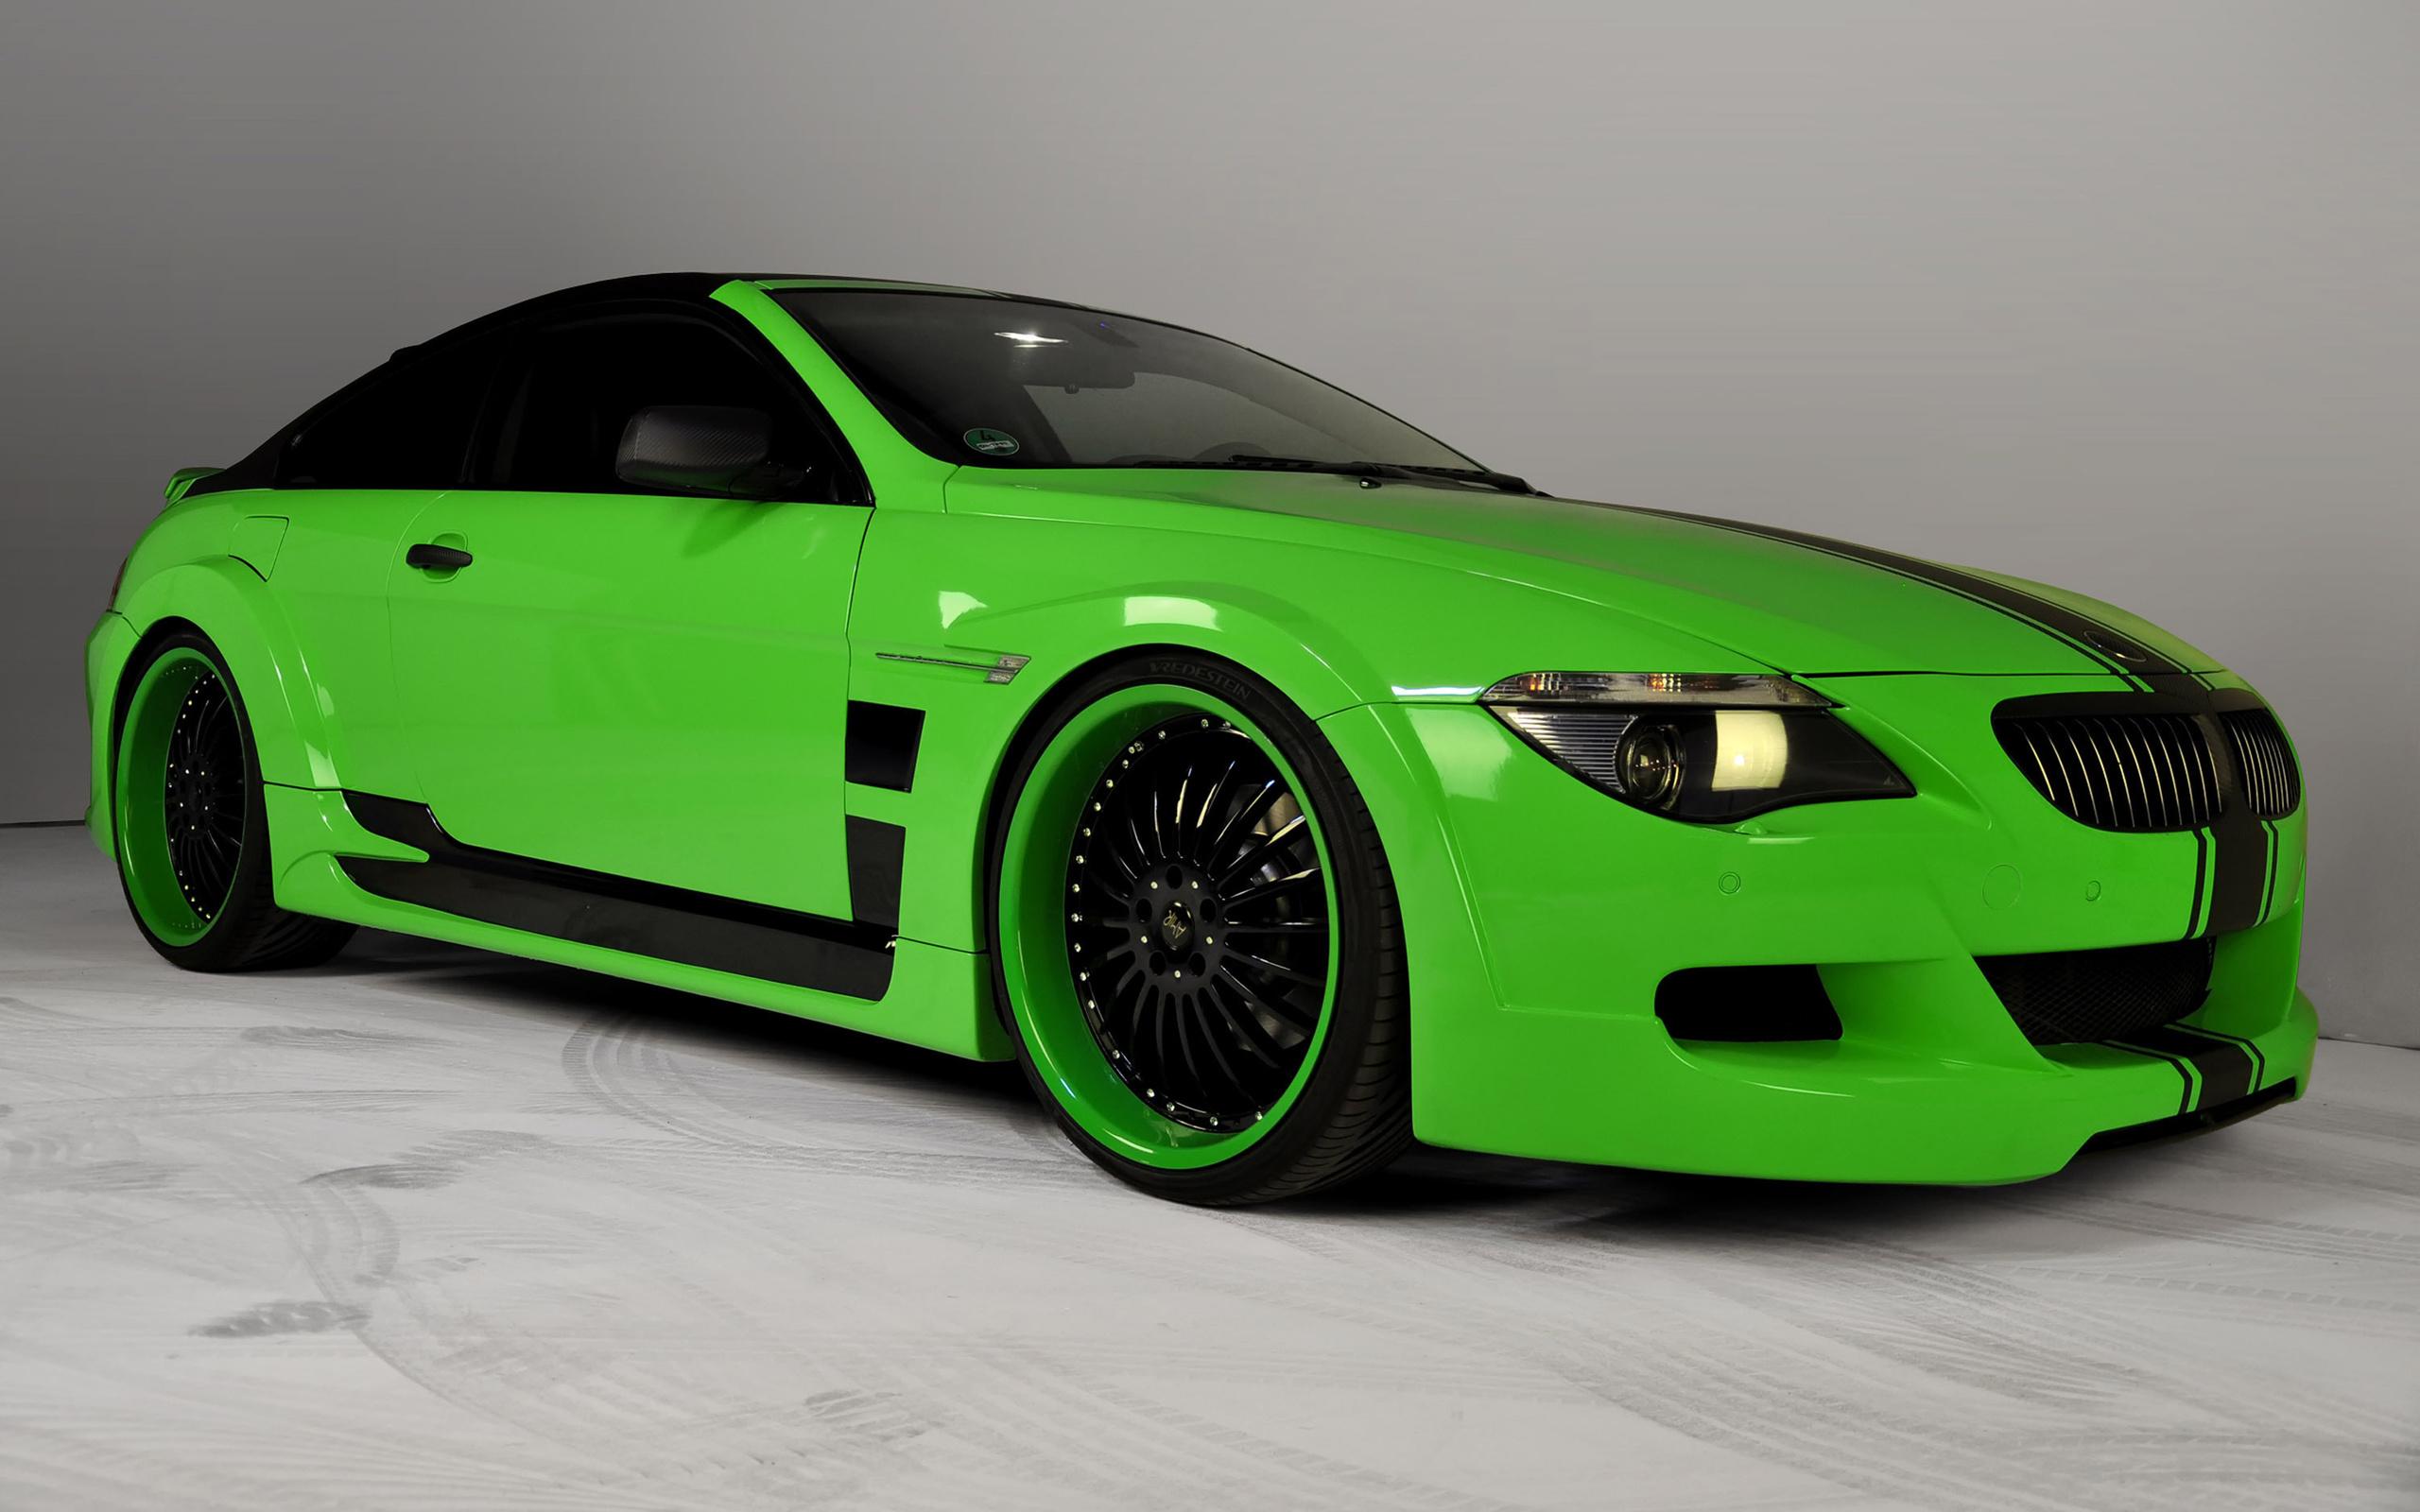 некоторым картинки зеленых машин некоторых случаях